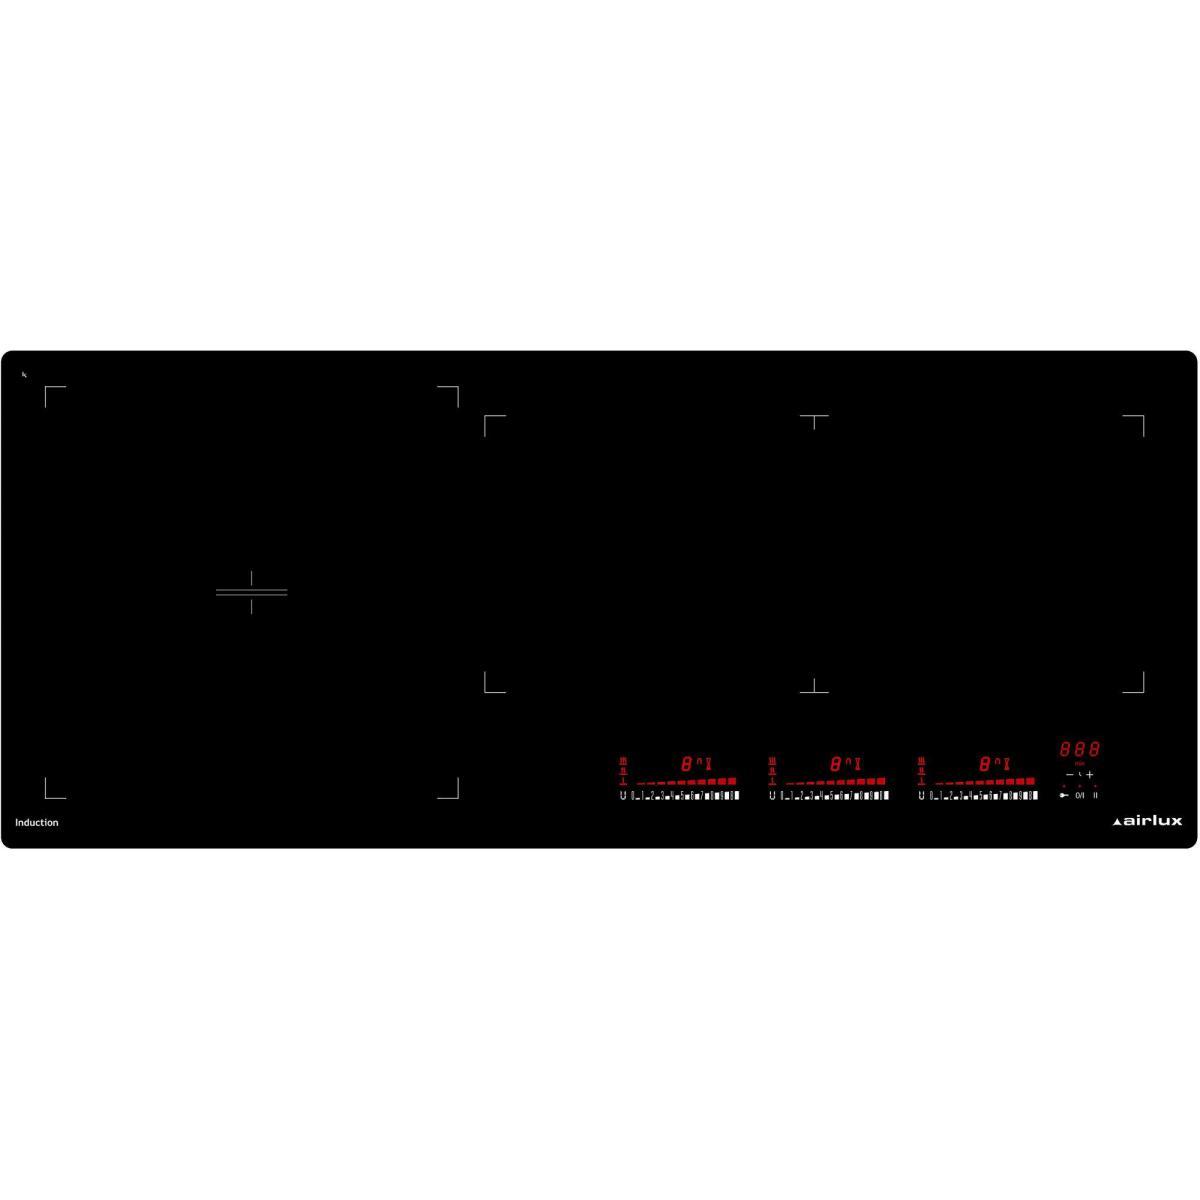 AIRLUX Plaque induction AIRLUX 7400W 90cm, ATIF 930 BK